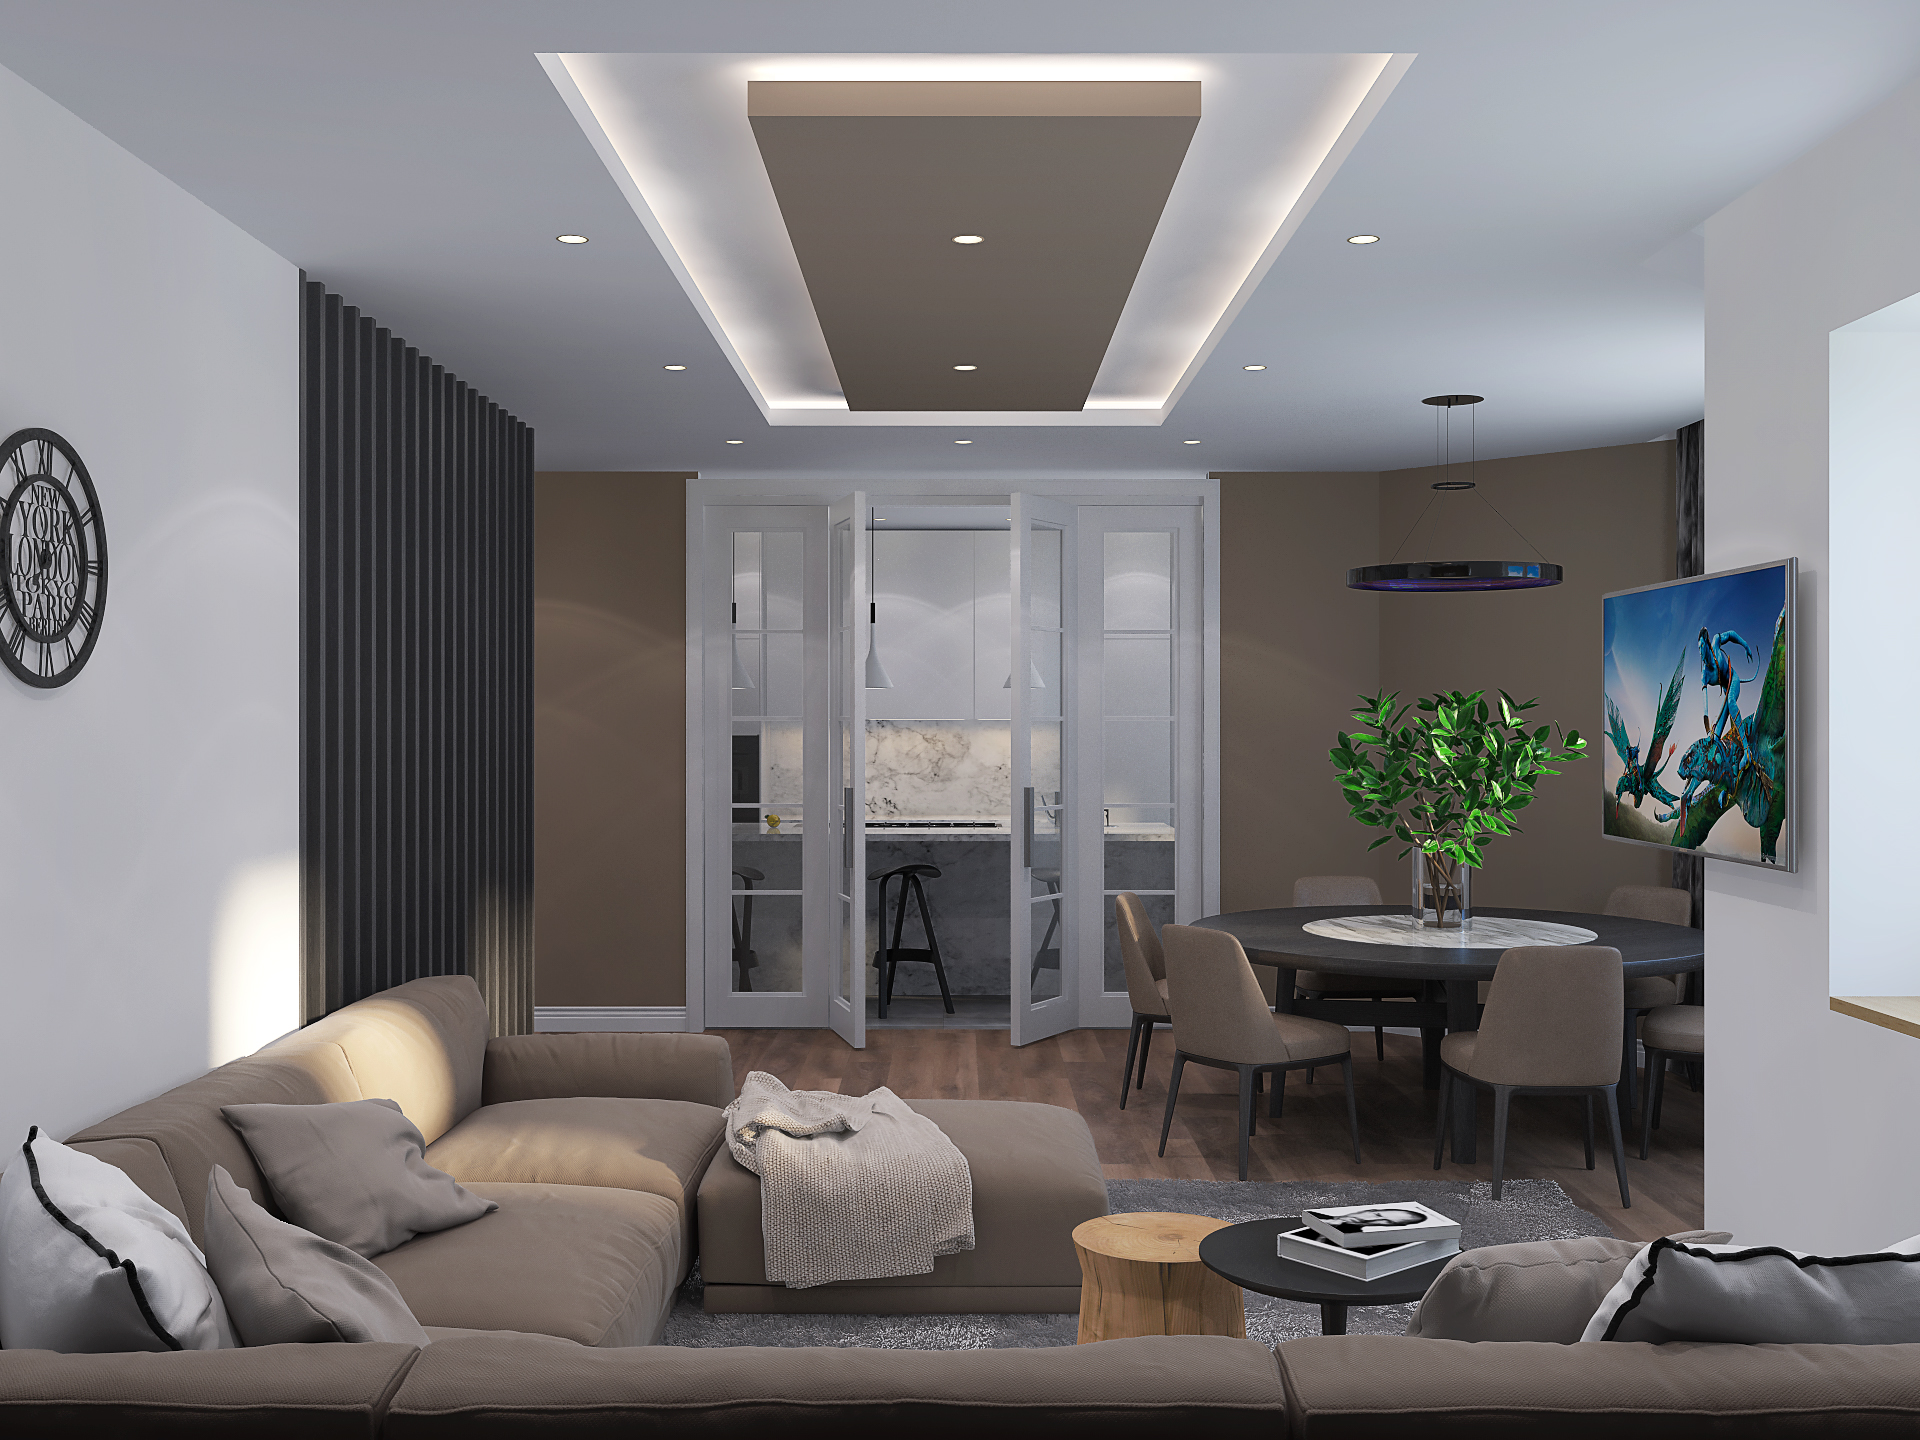 Объединение + планировка квартиры (~260 кв.м.) фото f_6035a5643af1097f.jpg